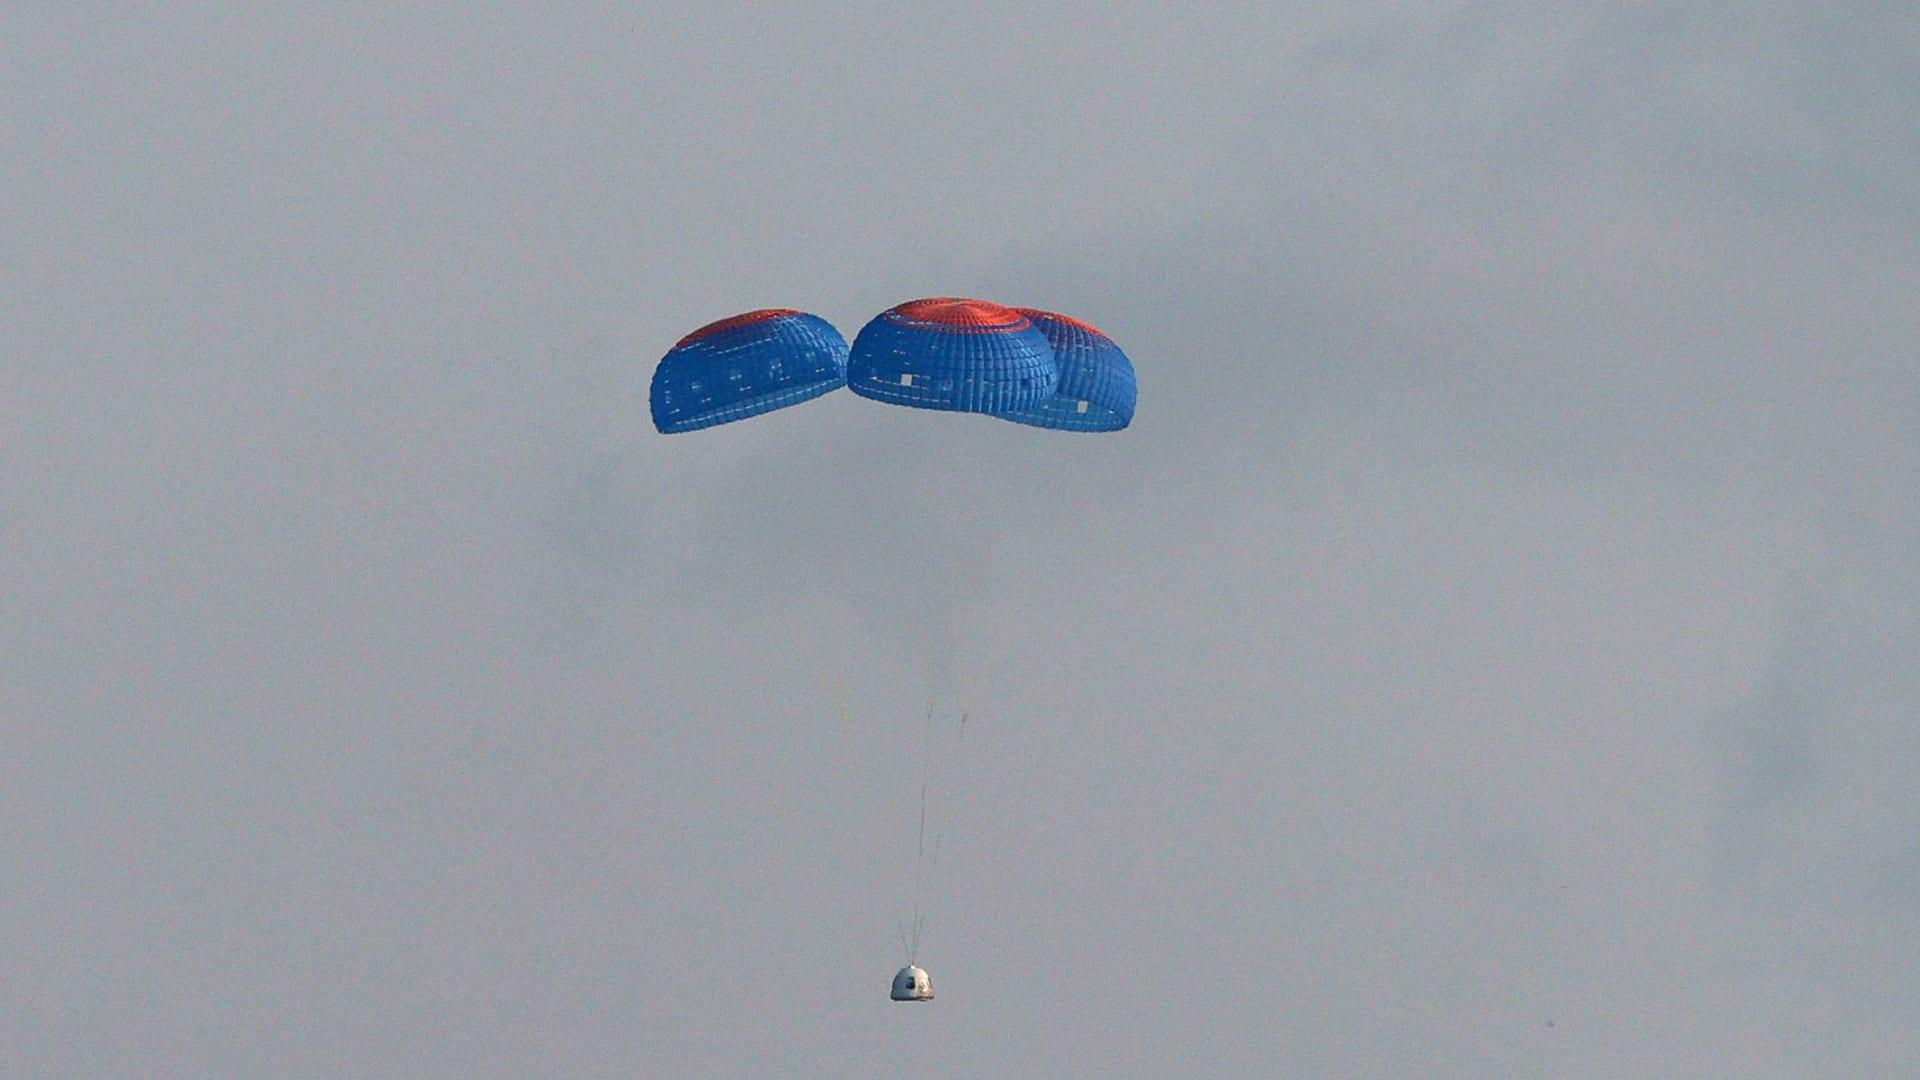 رحلة قادمة من الفضاء.. مركبة جيف بيزوس تهبط في تكساس بعد أن حلقت فوق الأرض